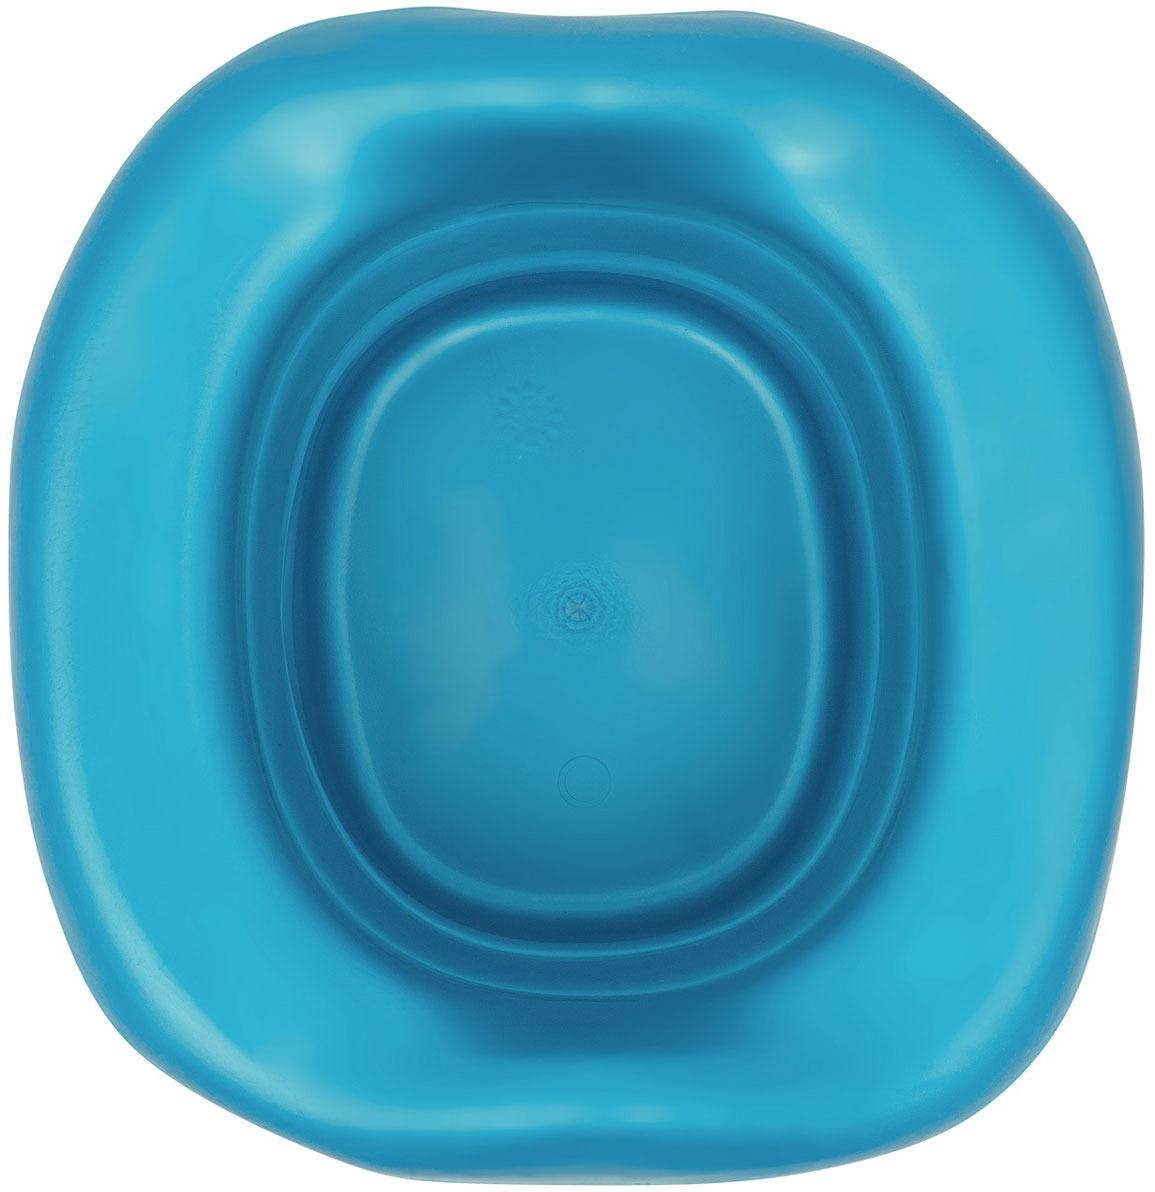 Вставка для дорожных горшков Roxy-kids Handy Potty, универсальная, цвет: голубой  #1